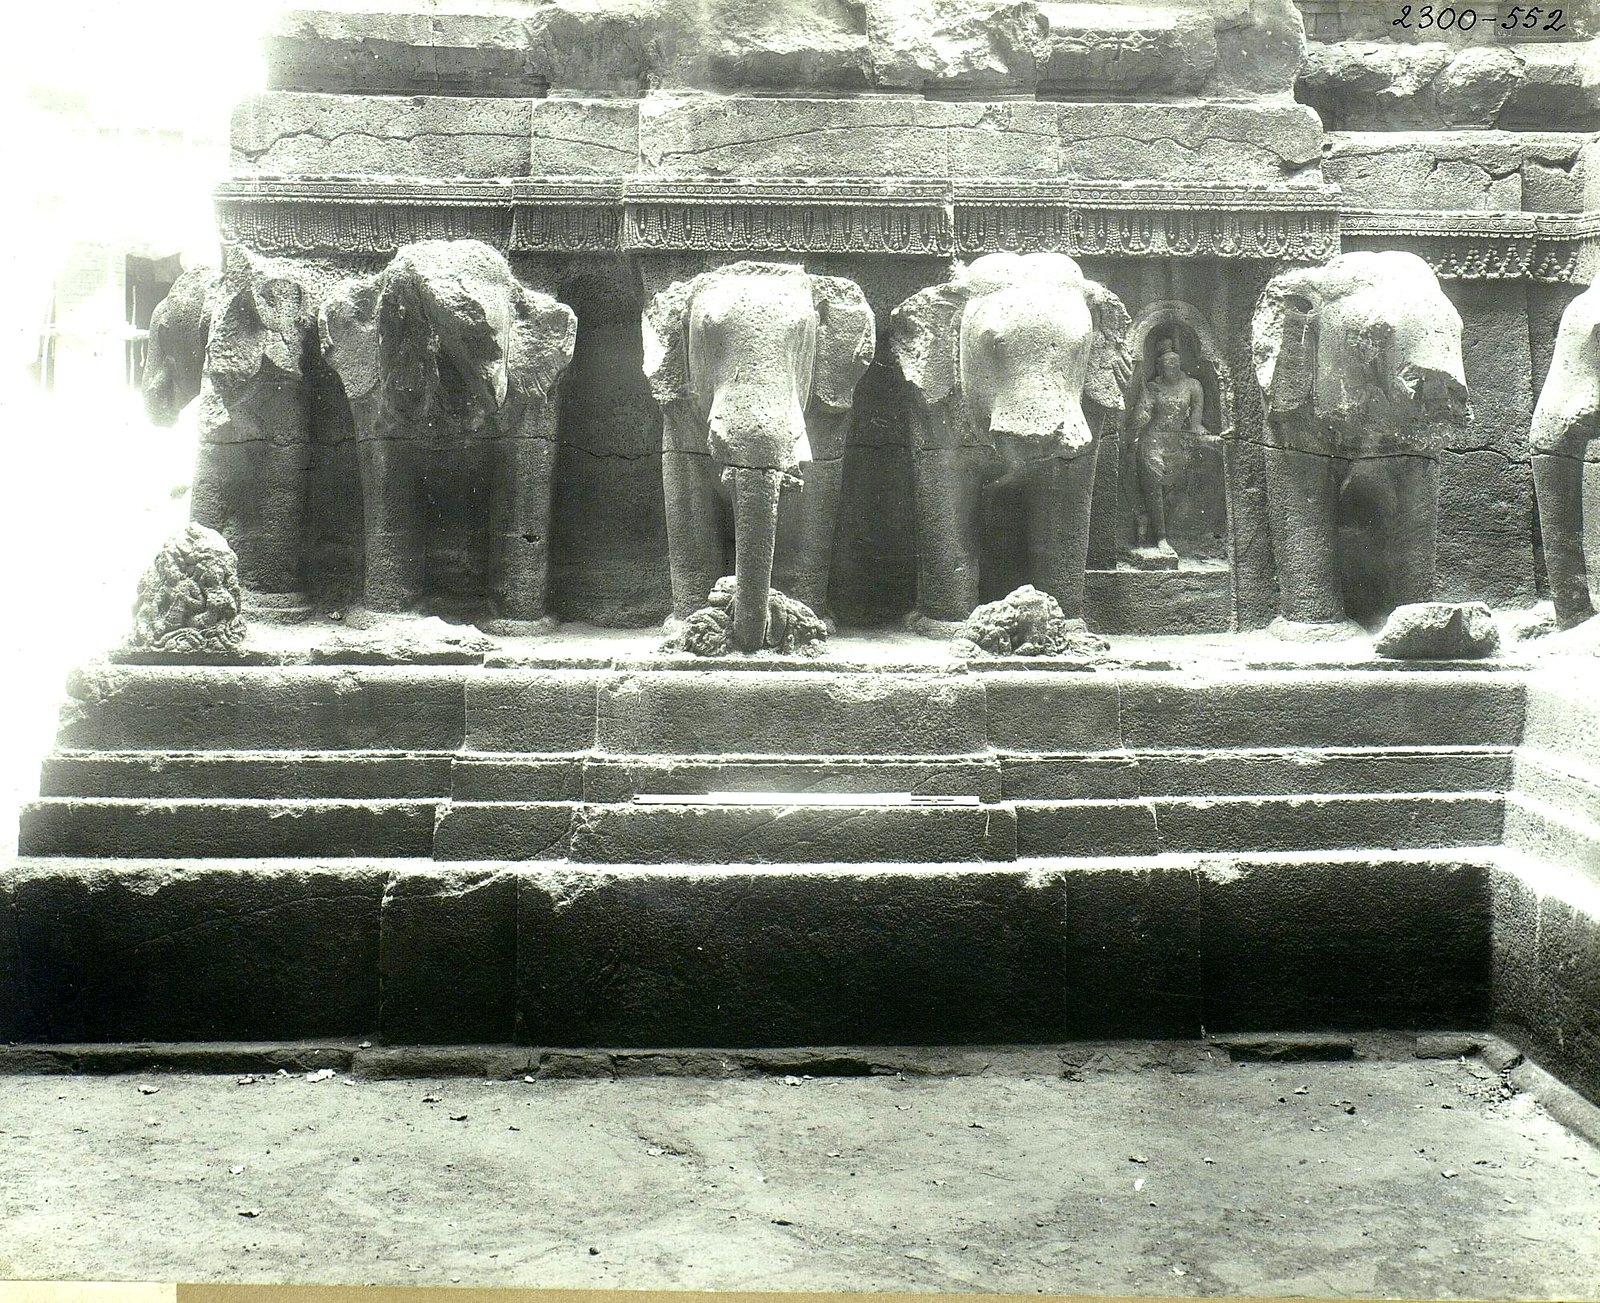 Храм Кайласа в Эллоре (деталь рельефа со слонами и львами) (1)